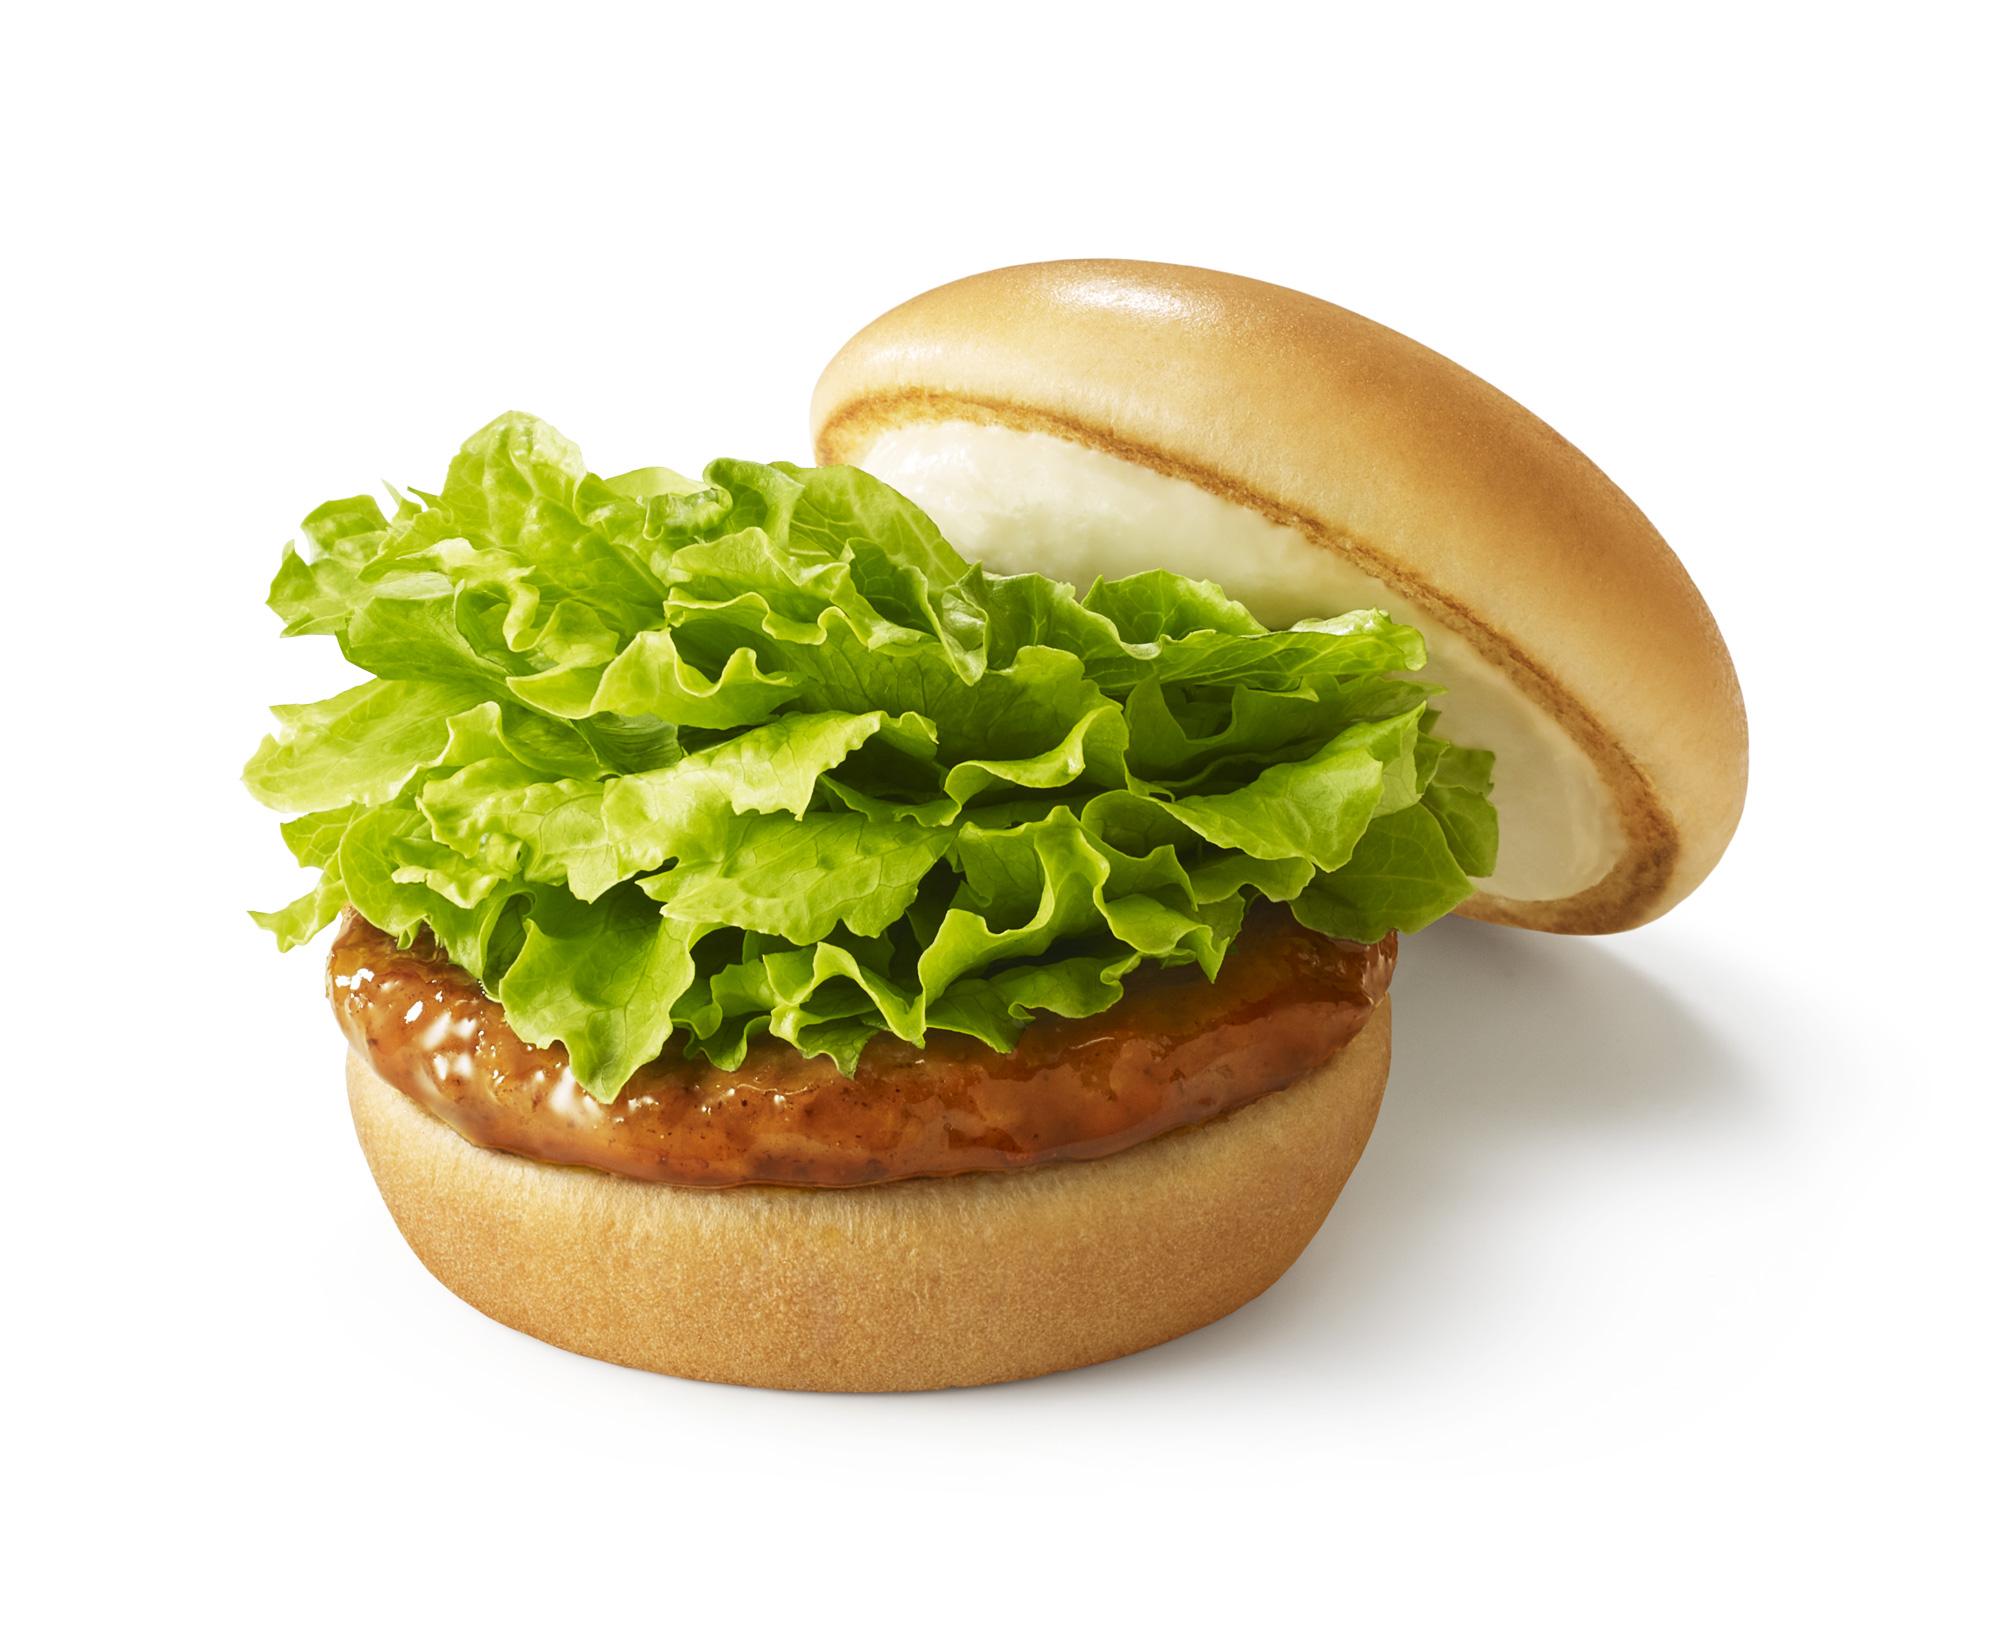 [モスバーガー] 今年も復活!「クリームチーズテリヤキ」2021/6/17から数量限定販売 毎年200万食の人気商品